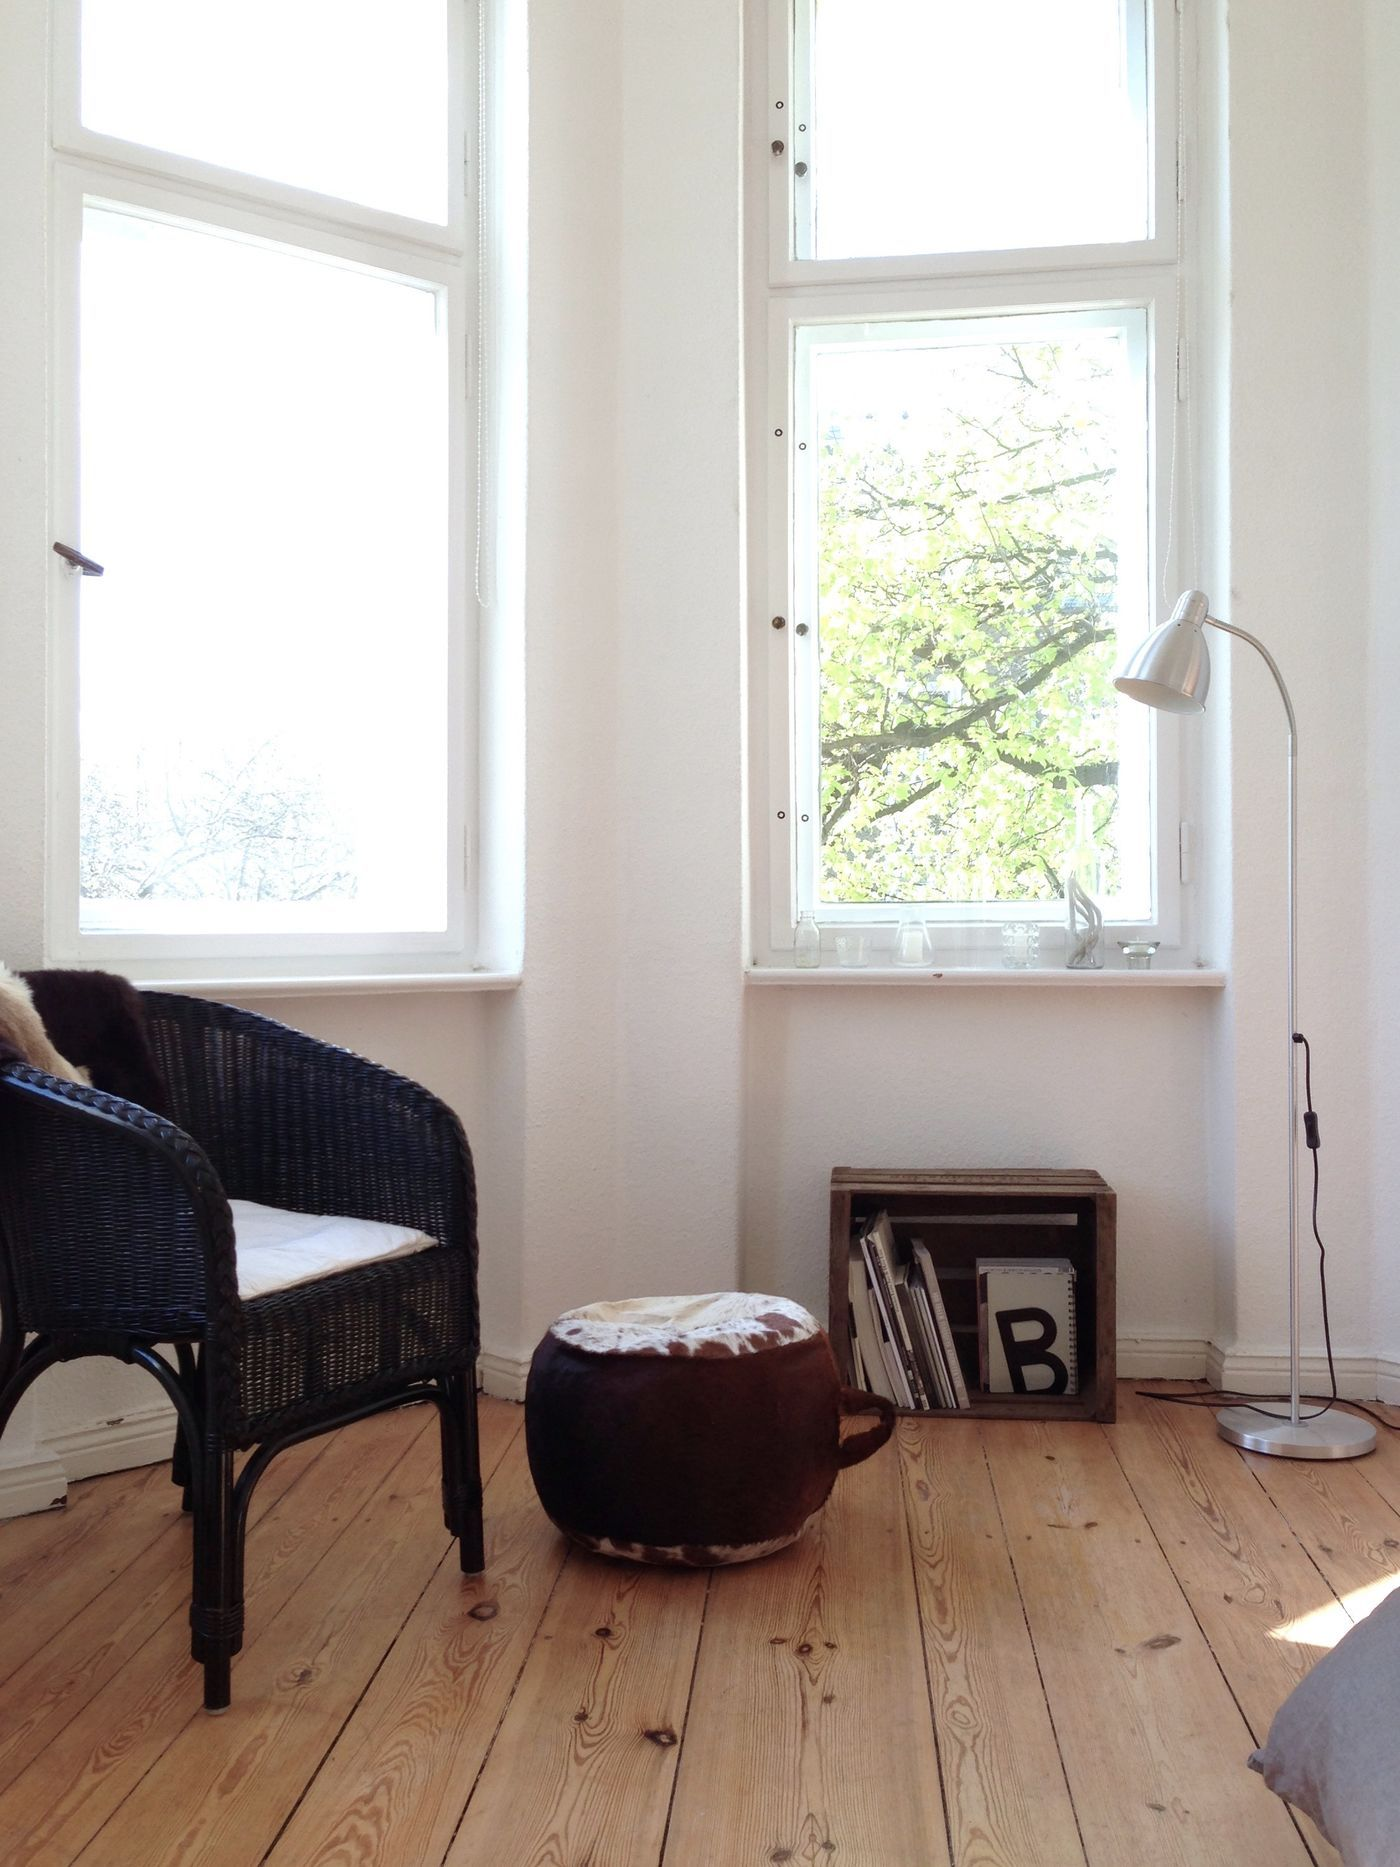 Häufig Möbel aus Obstkisten als Upcycling Idee OT87